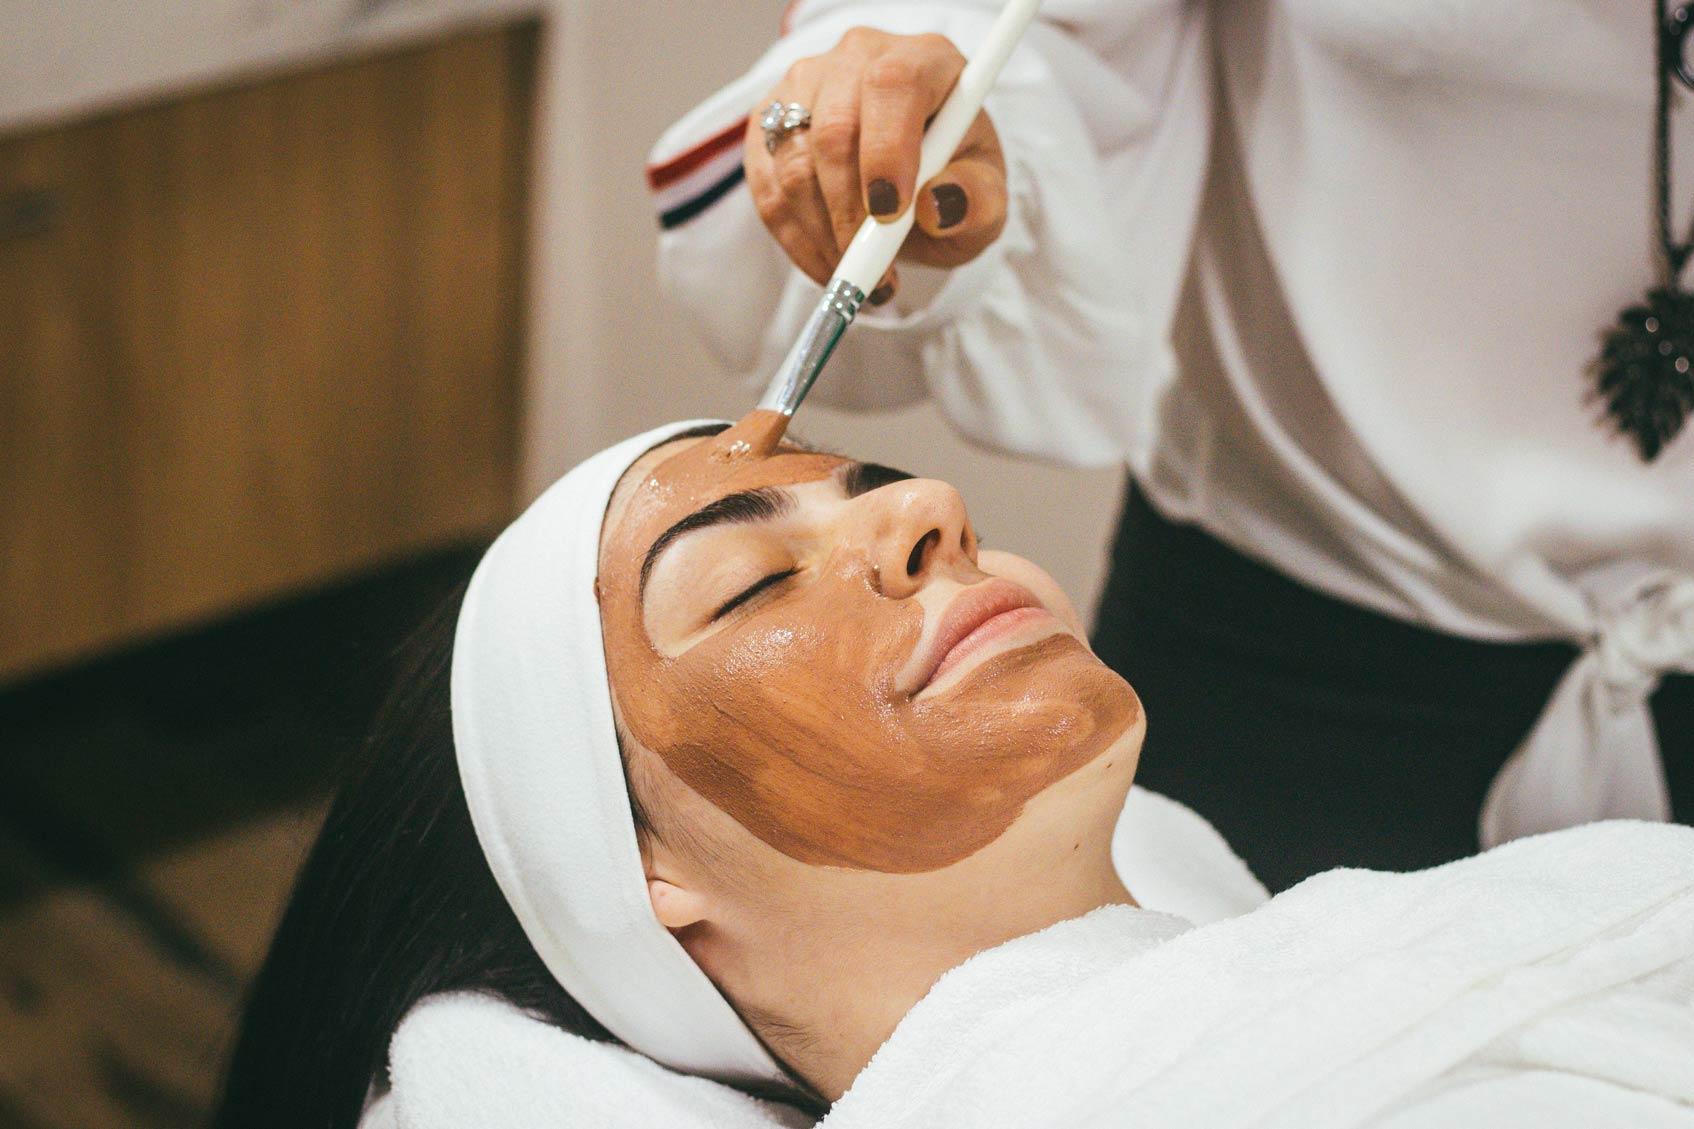 купить альгинатную маску для лица